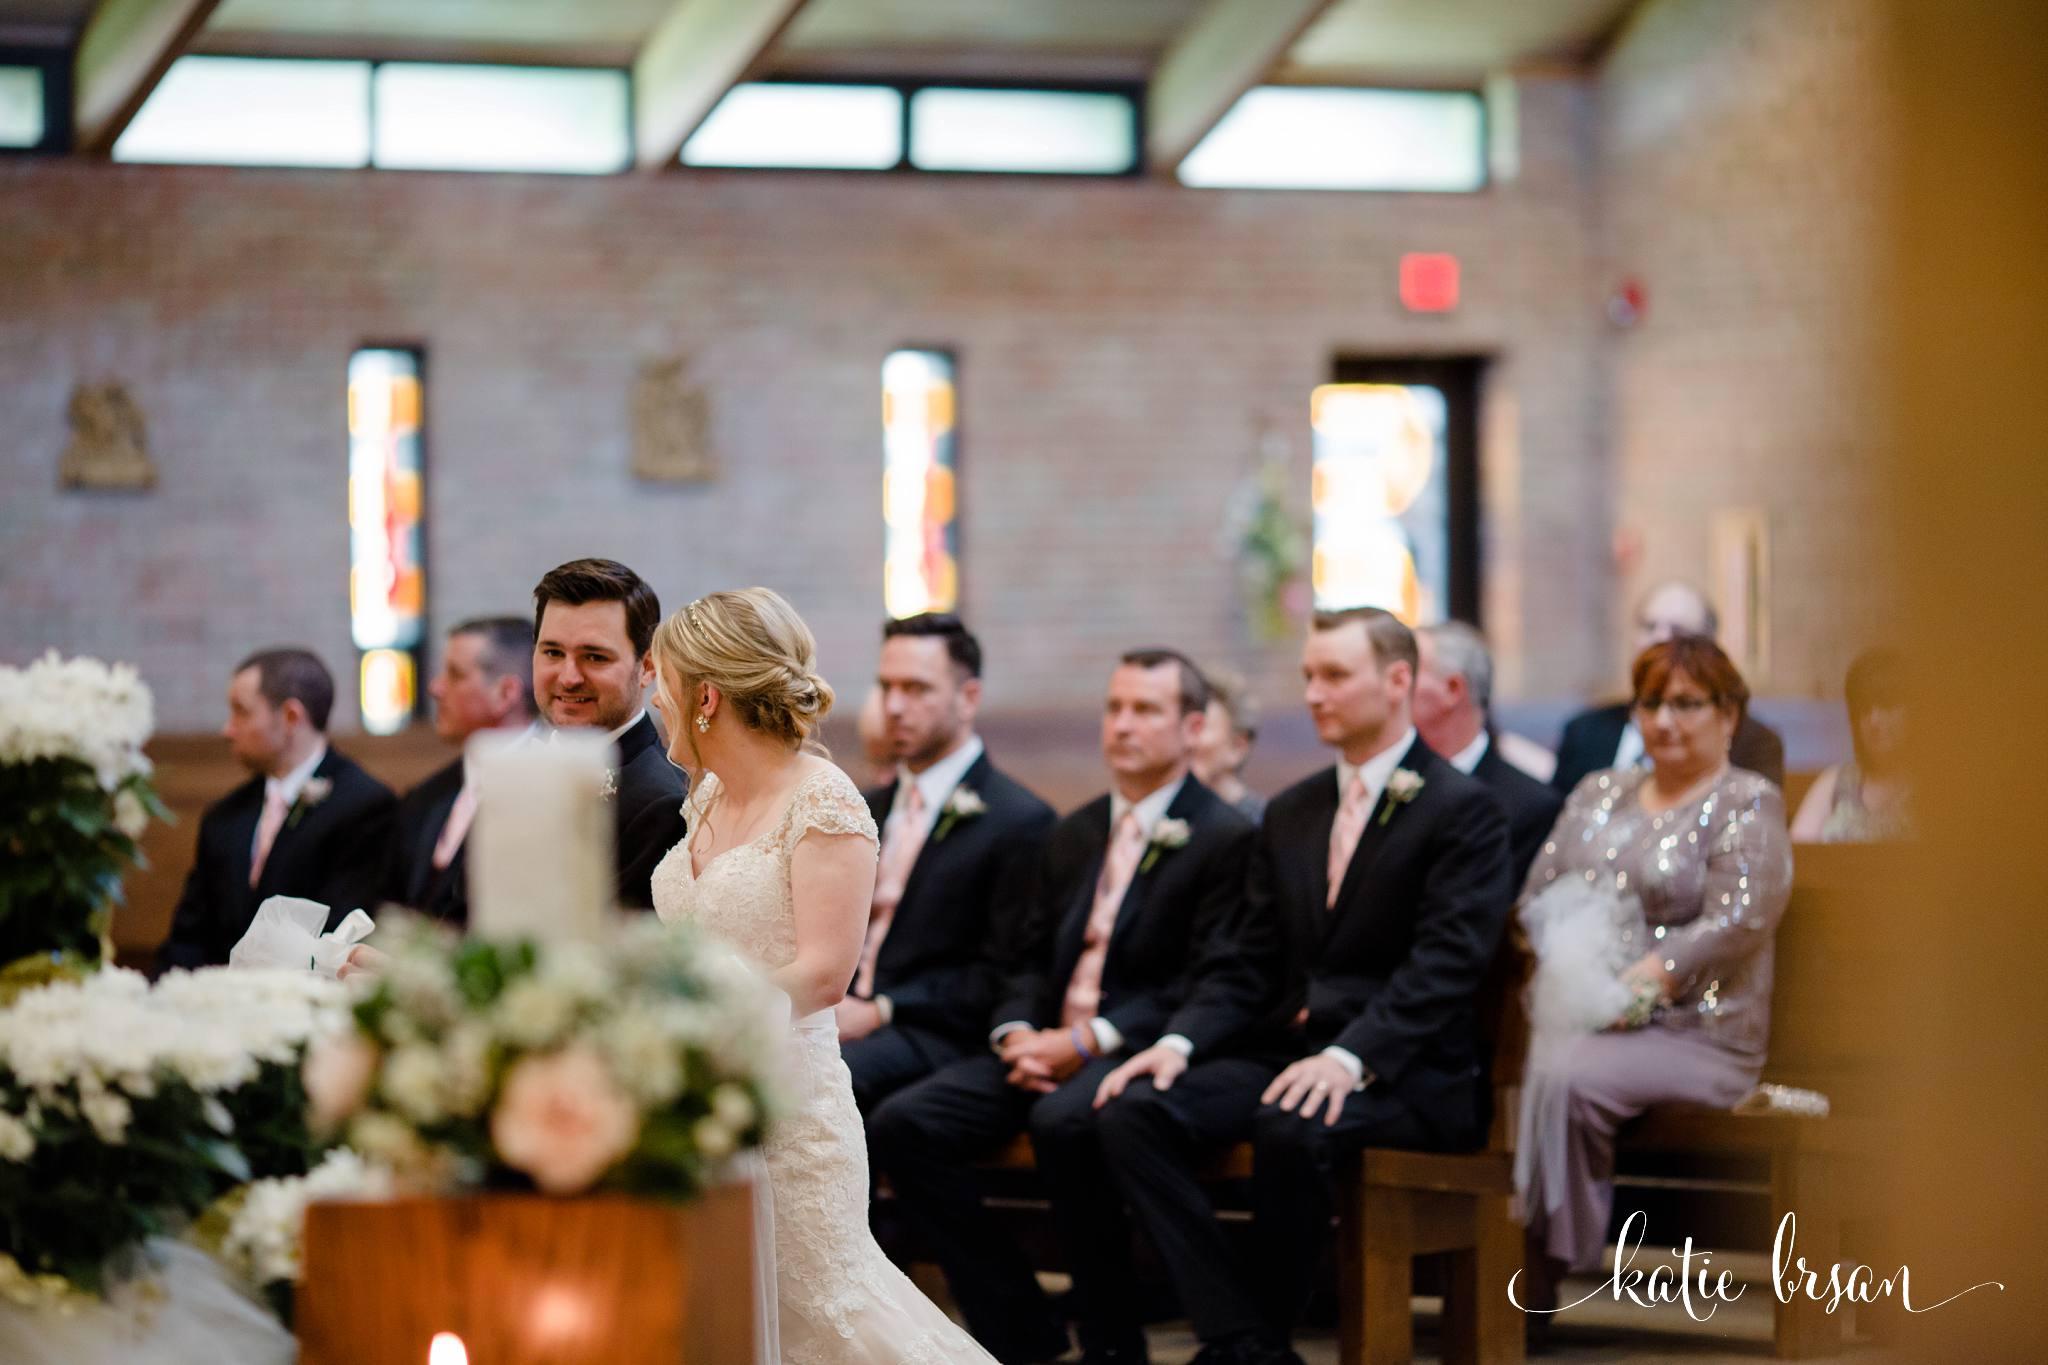 Mokena_Lemont_Wedding_Ruffled_Feathers_Wedding_1352.jpg